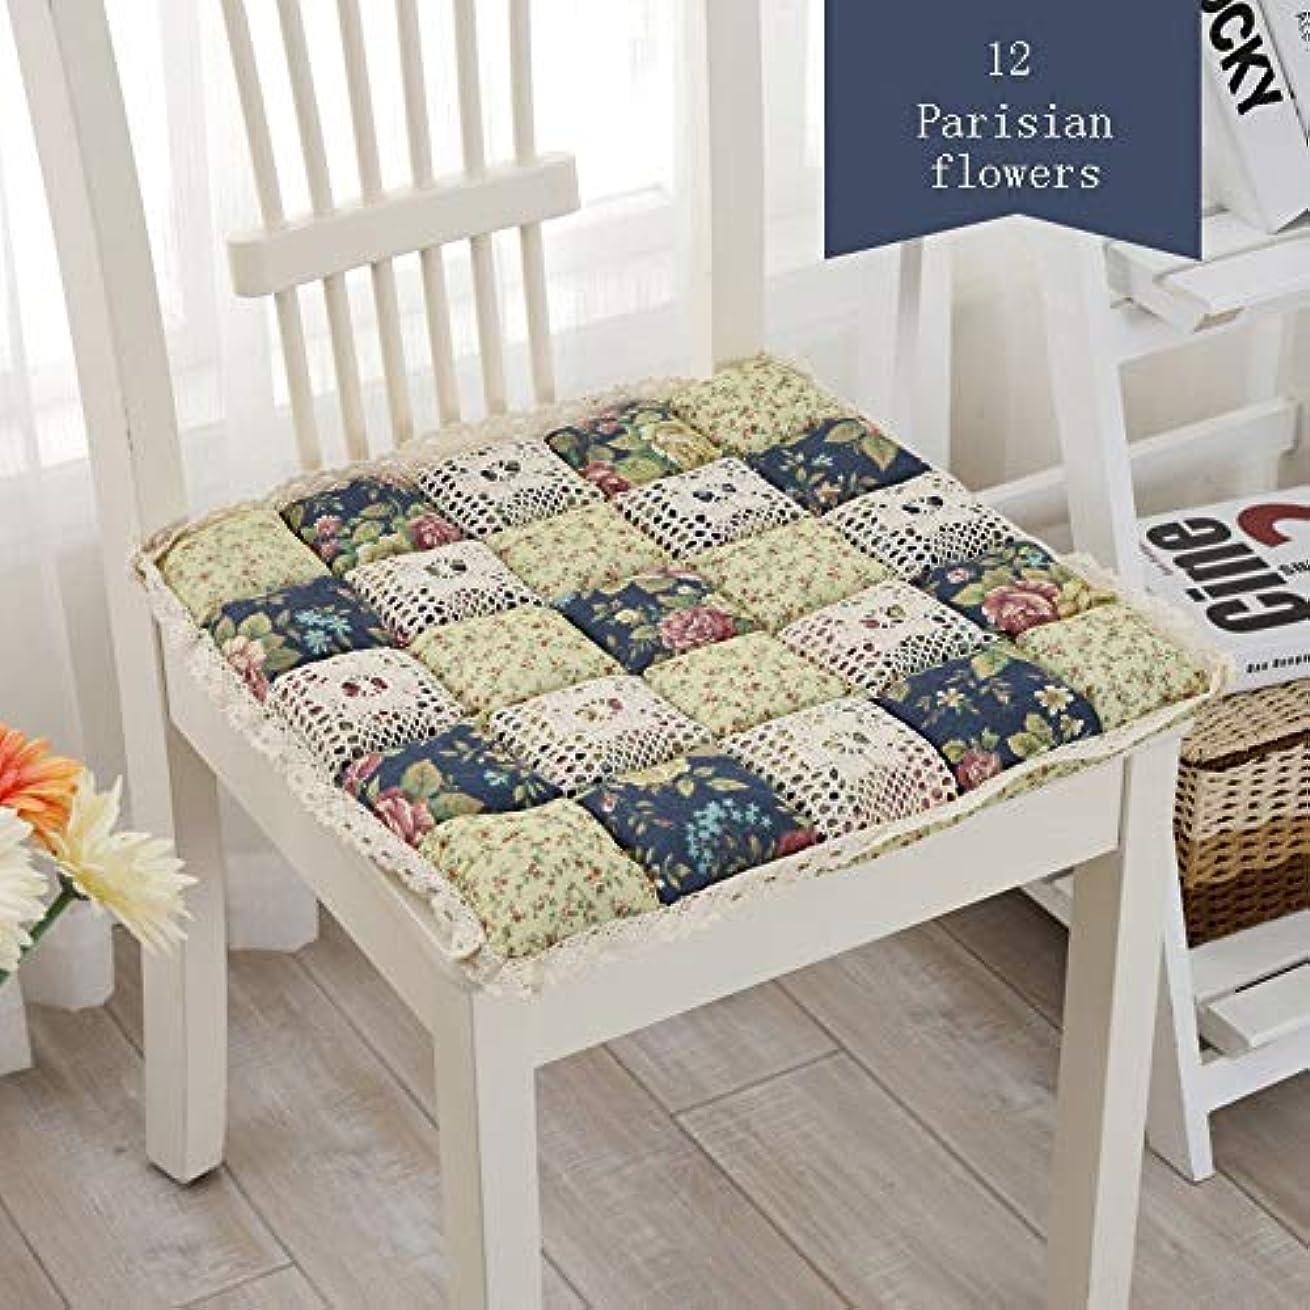 魅力男らしさ発音LIFE 1 個抗褥瘡綿椅子クッション 24 色ファッションオフィス正方形クッション学生チェアクッション家の装飾厚み クッション 椅子